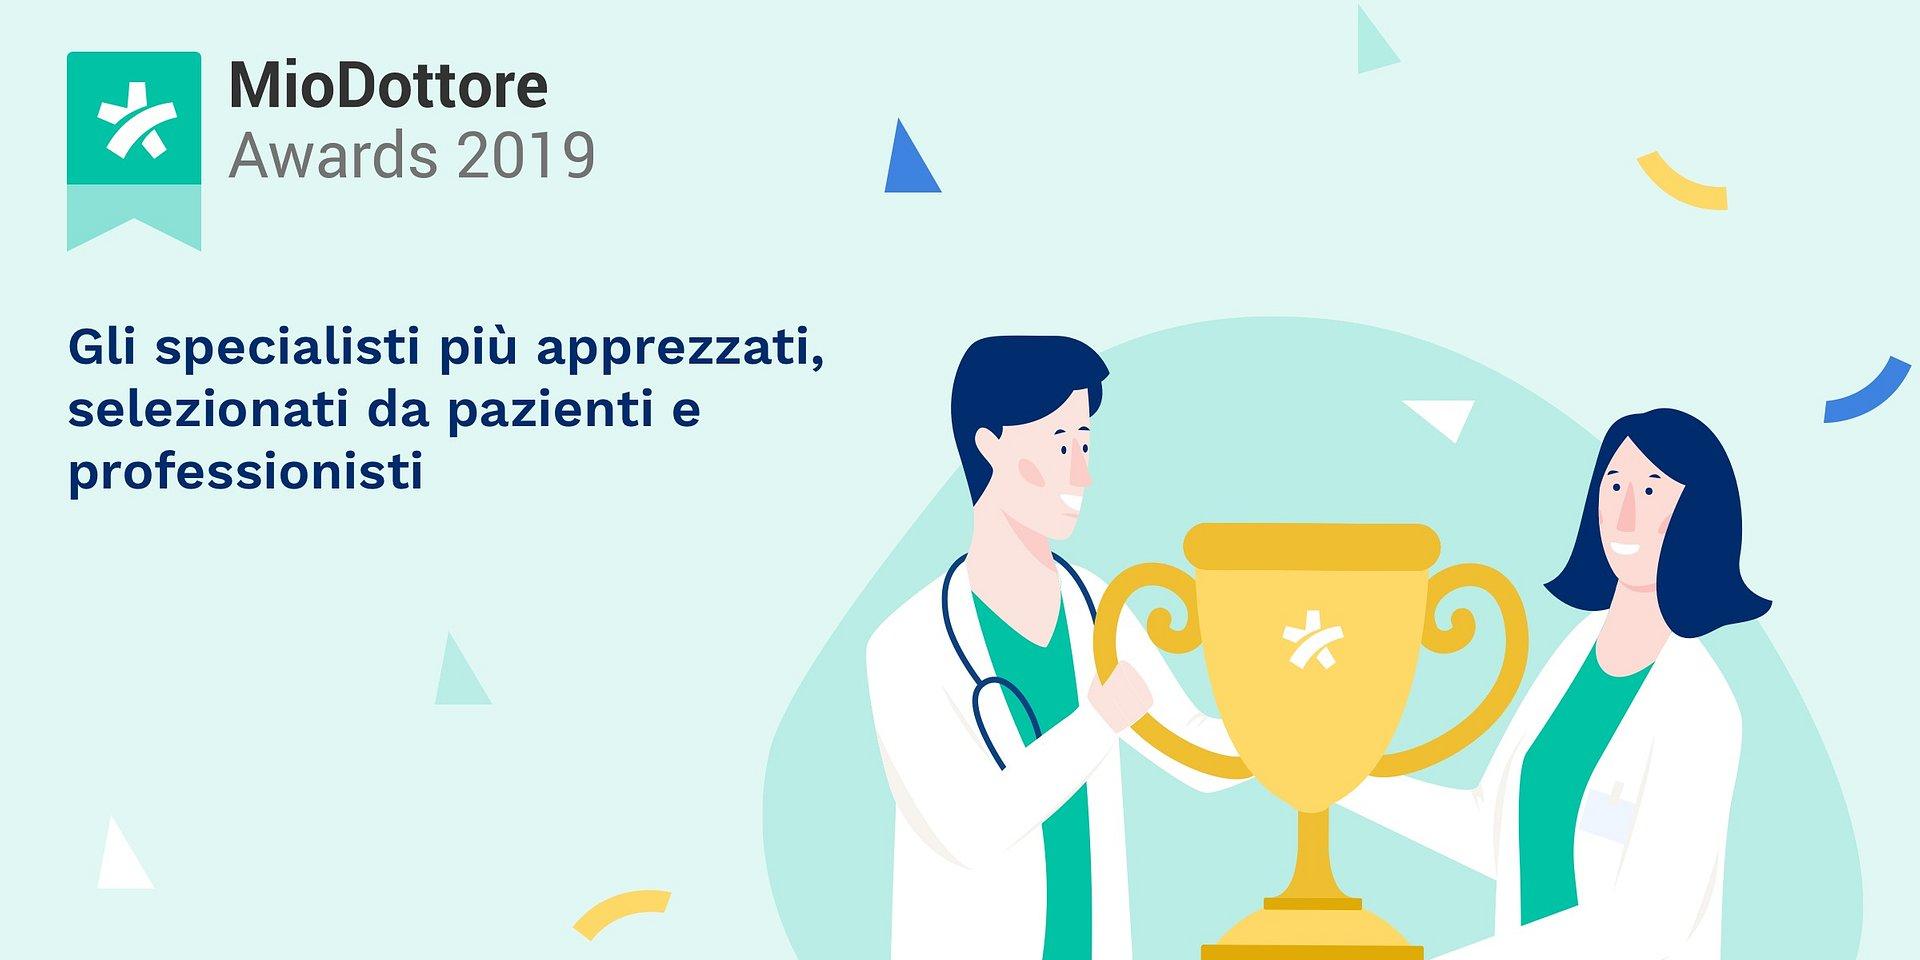 MioDottore Awards 2019: ecco i 26 medici più apprezzati da colleghi professionisti e pazienti